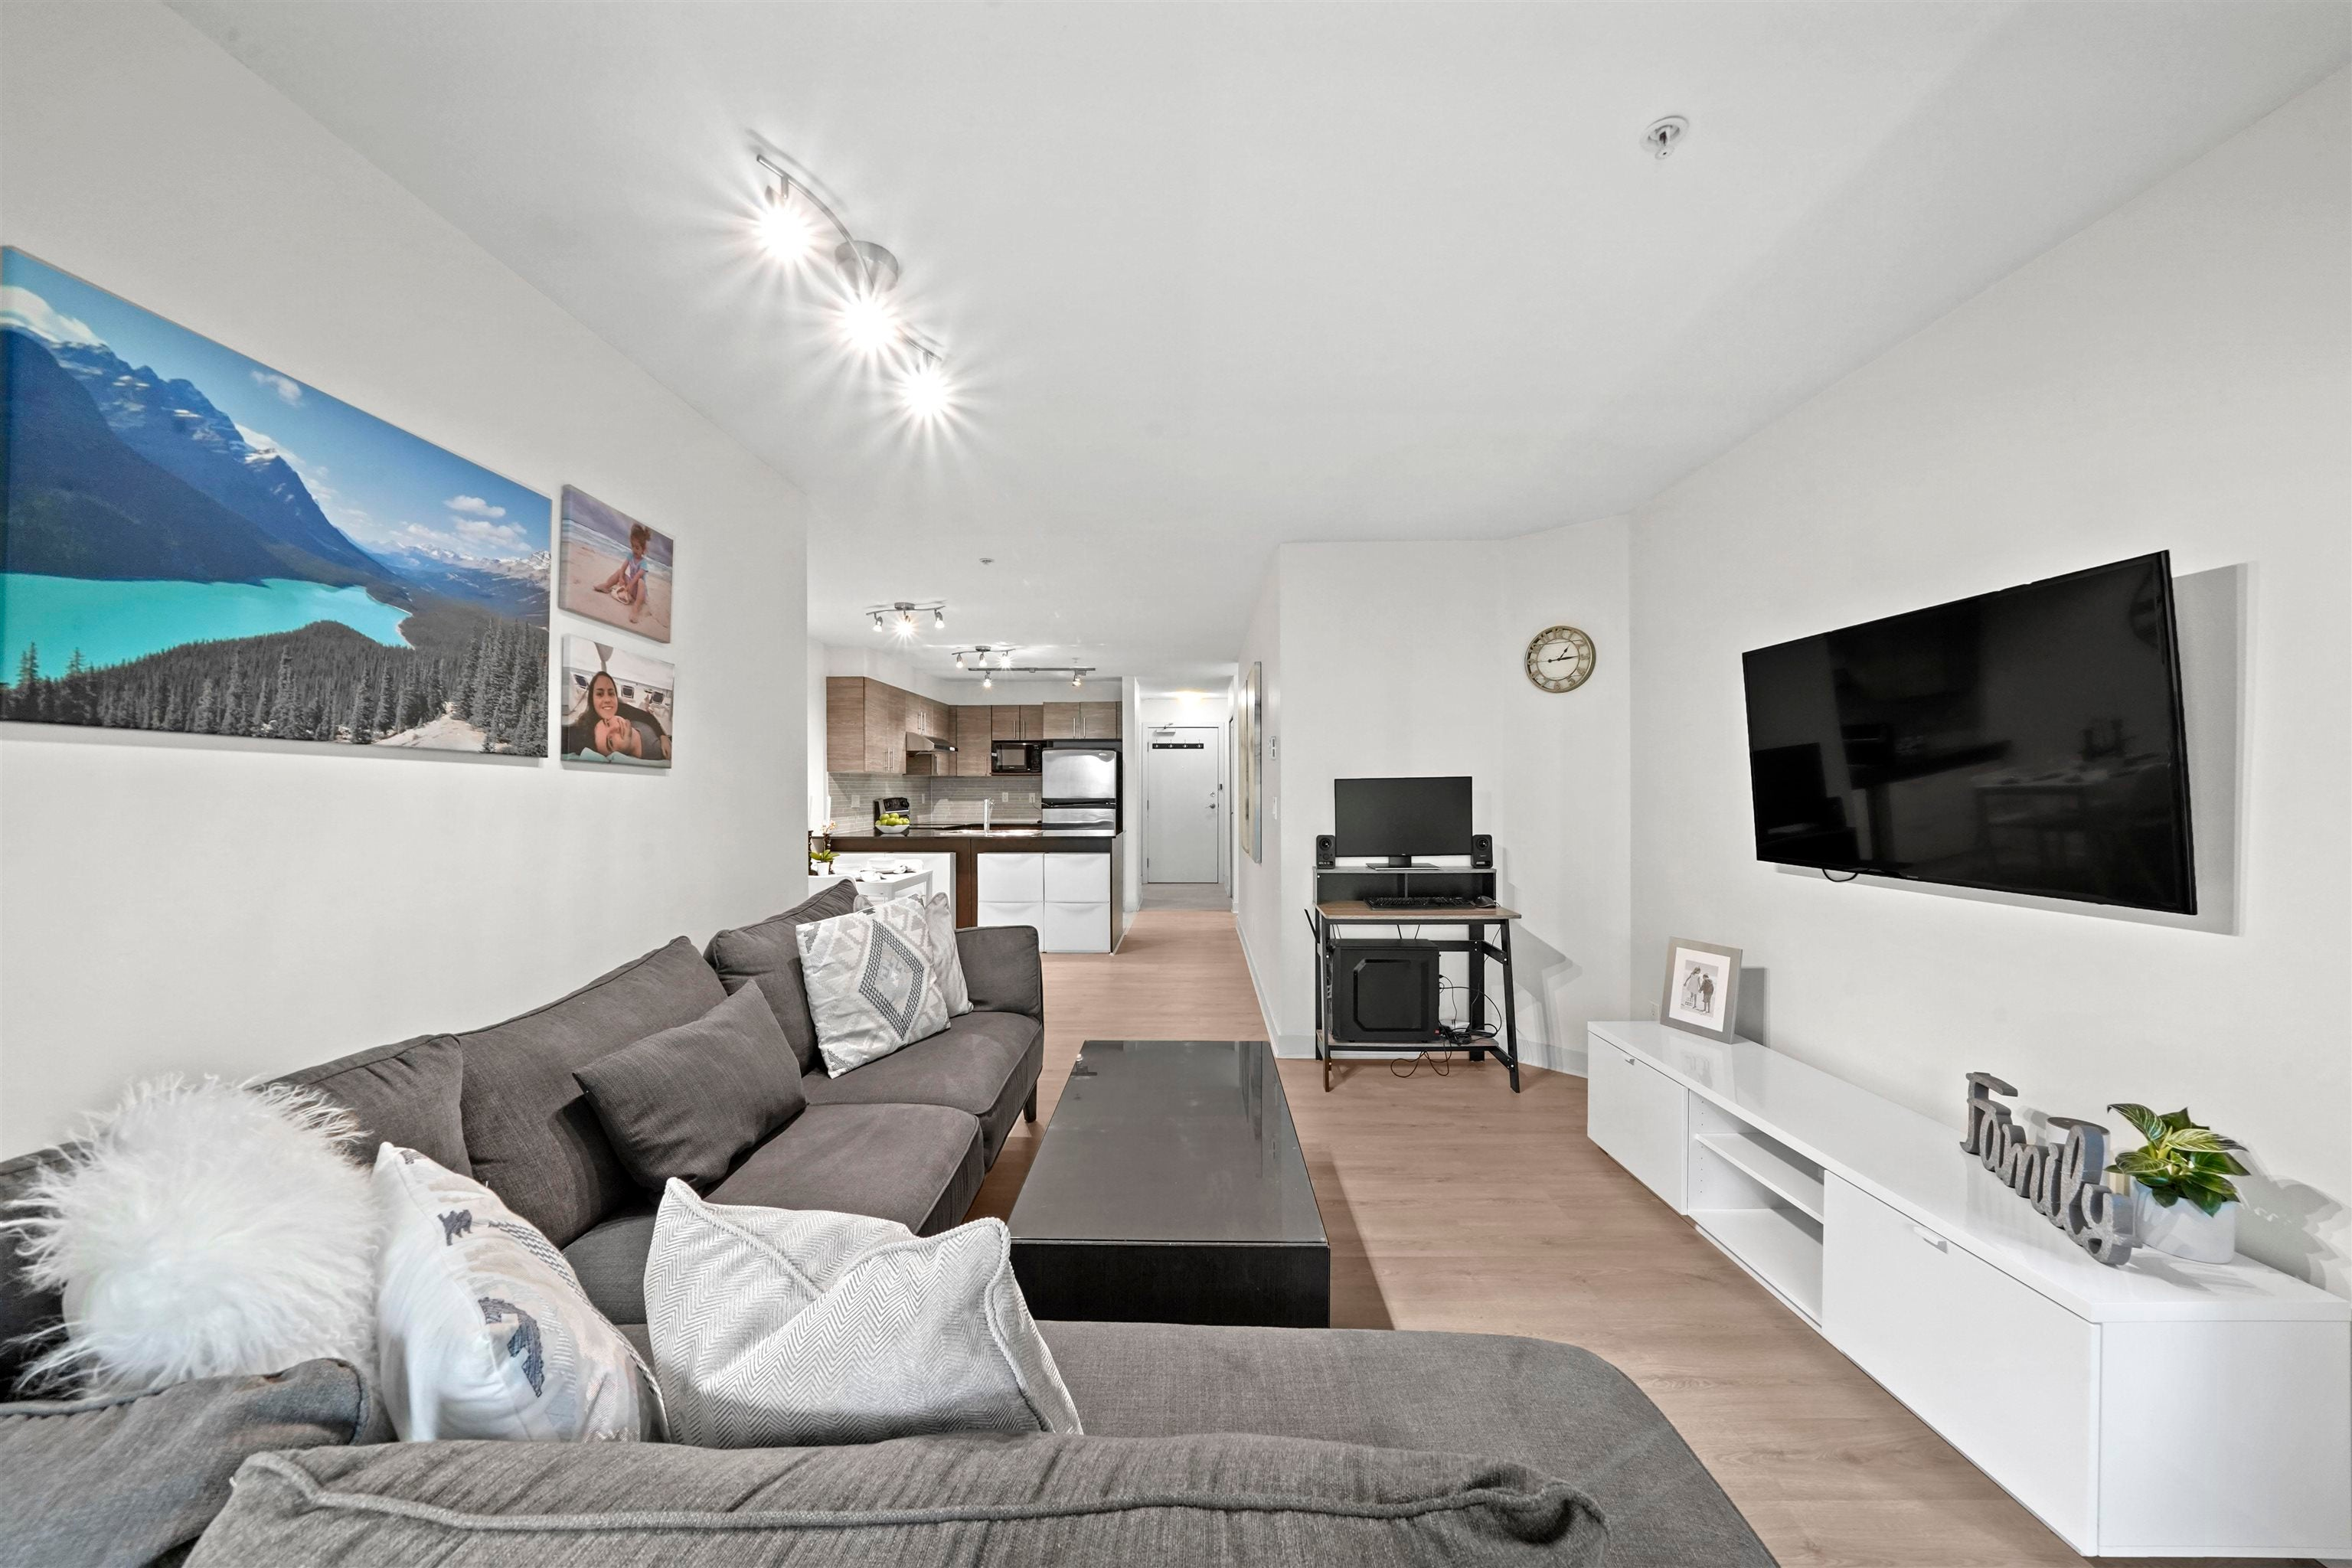 319 1633 MACKAY AVENUE - Pemberton NV Apartment/Condo for sale, 2 Bedrooms (R2624916) - #10